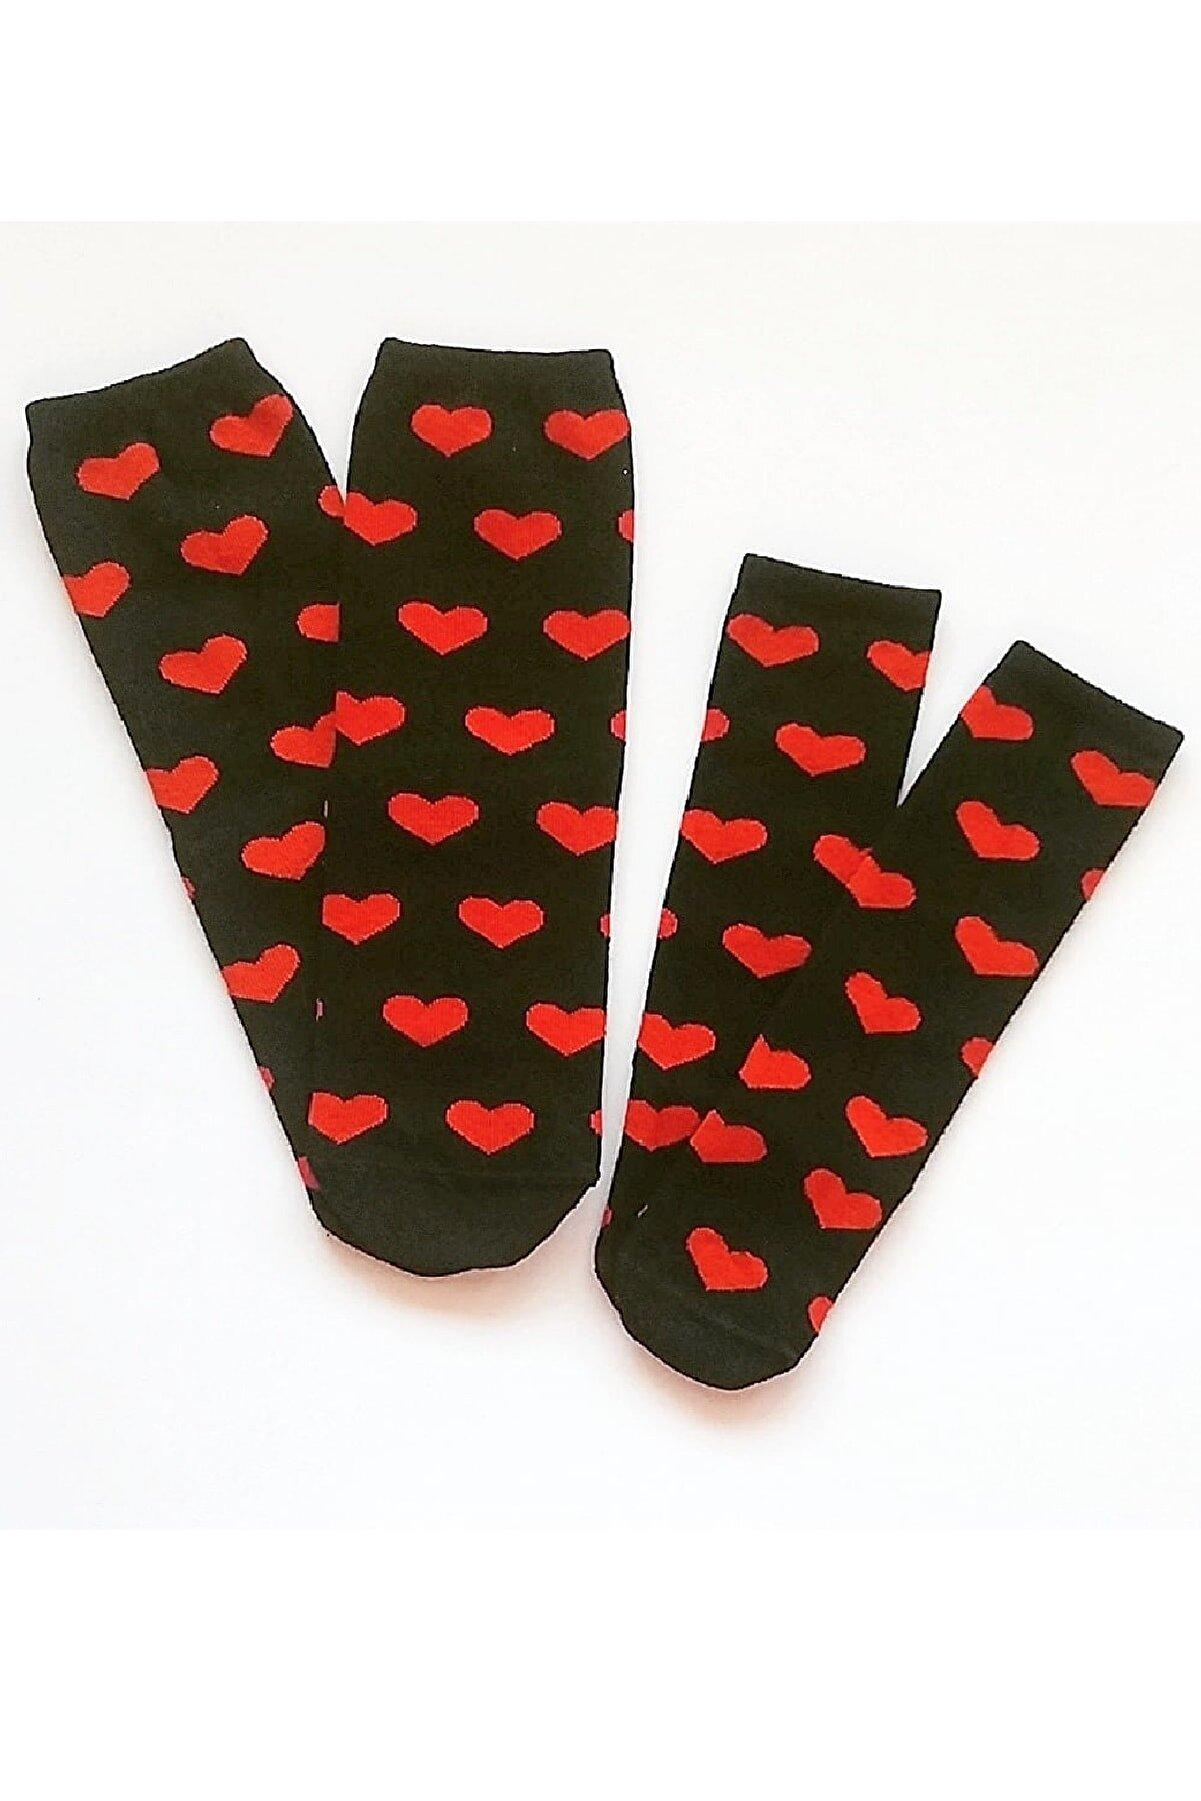 Asa Bebek Çocuk Anne Kız Siyah Zemin Kalp Desenli Çorap Kombin Takım